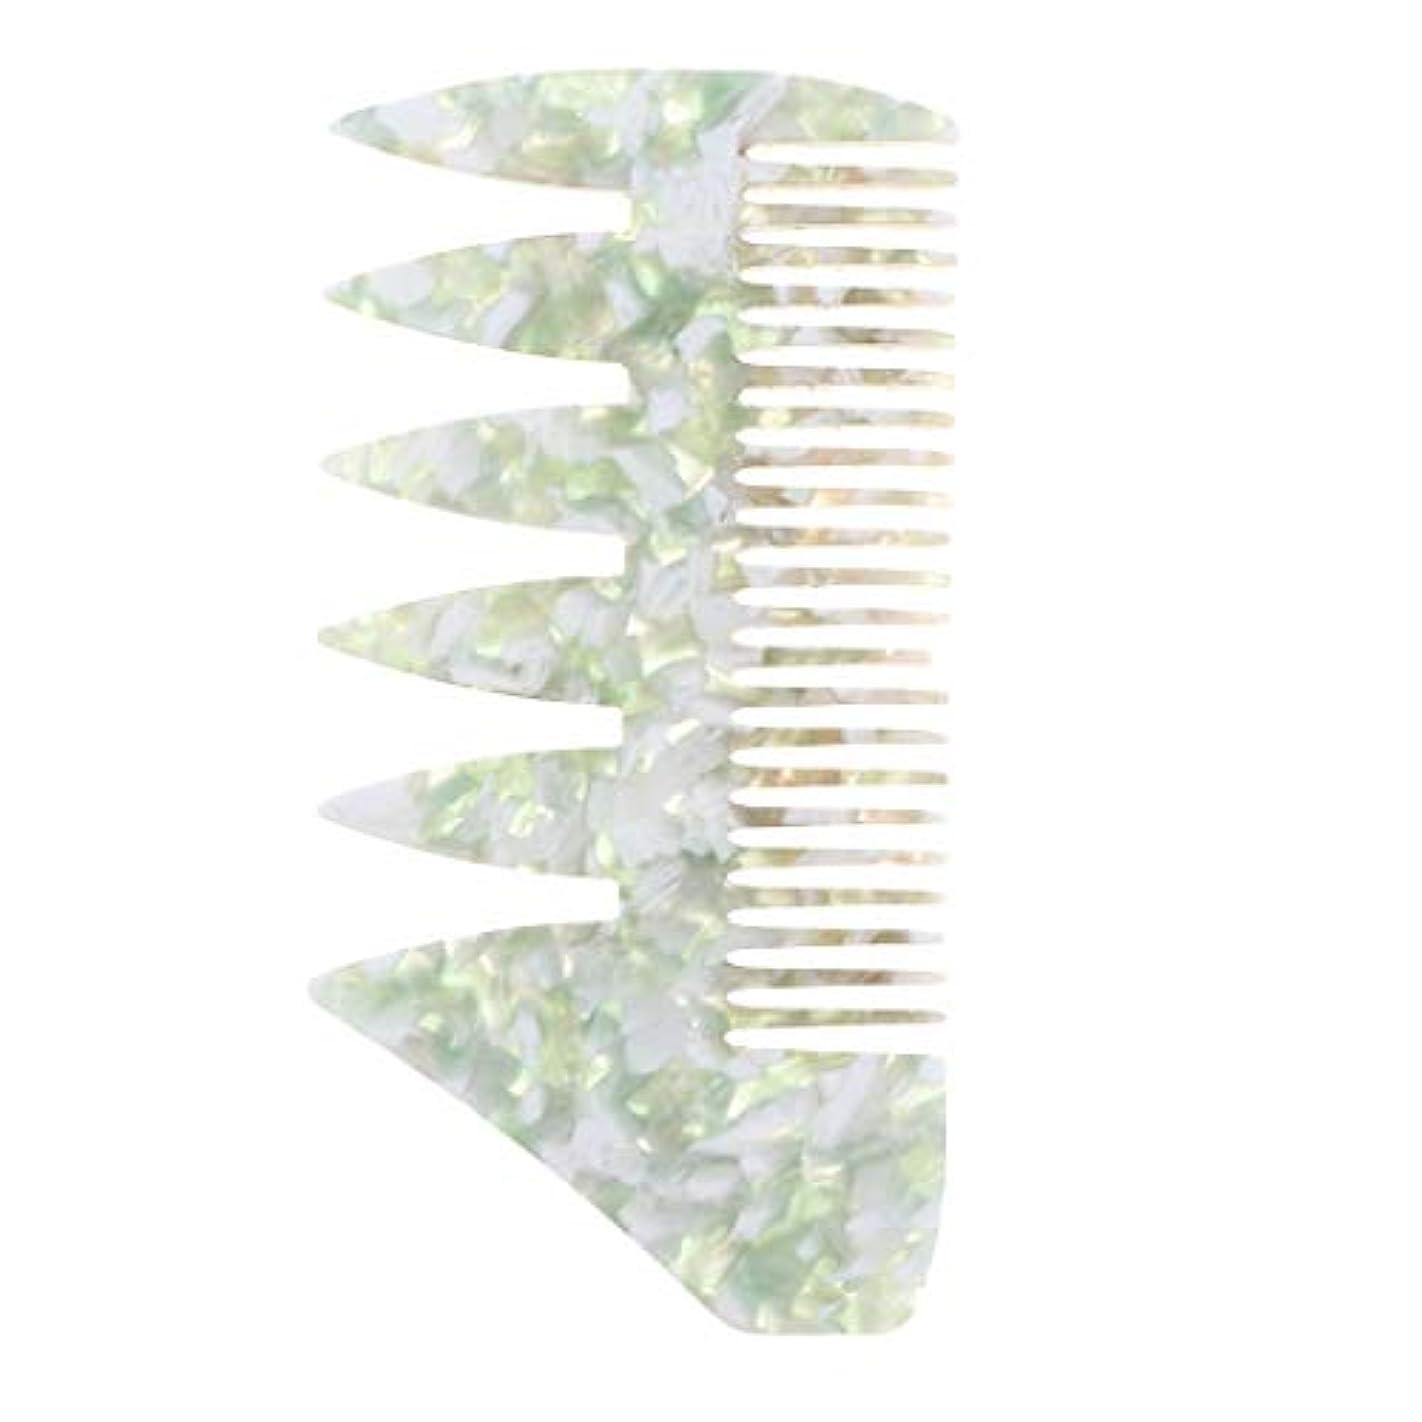 温かい選挙失速男性 ヘアピックコーム サロン 広い歯 ヘアスタイリングコーム 全4色 - 緑